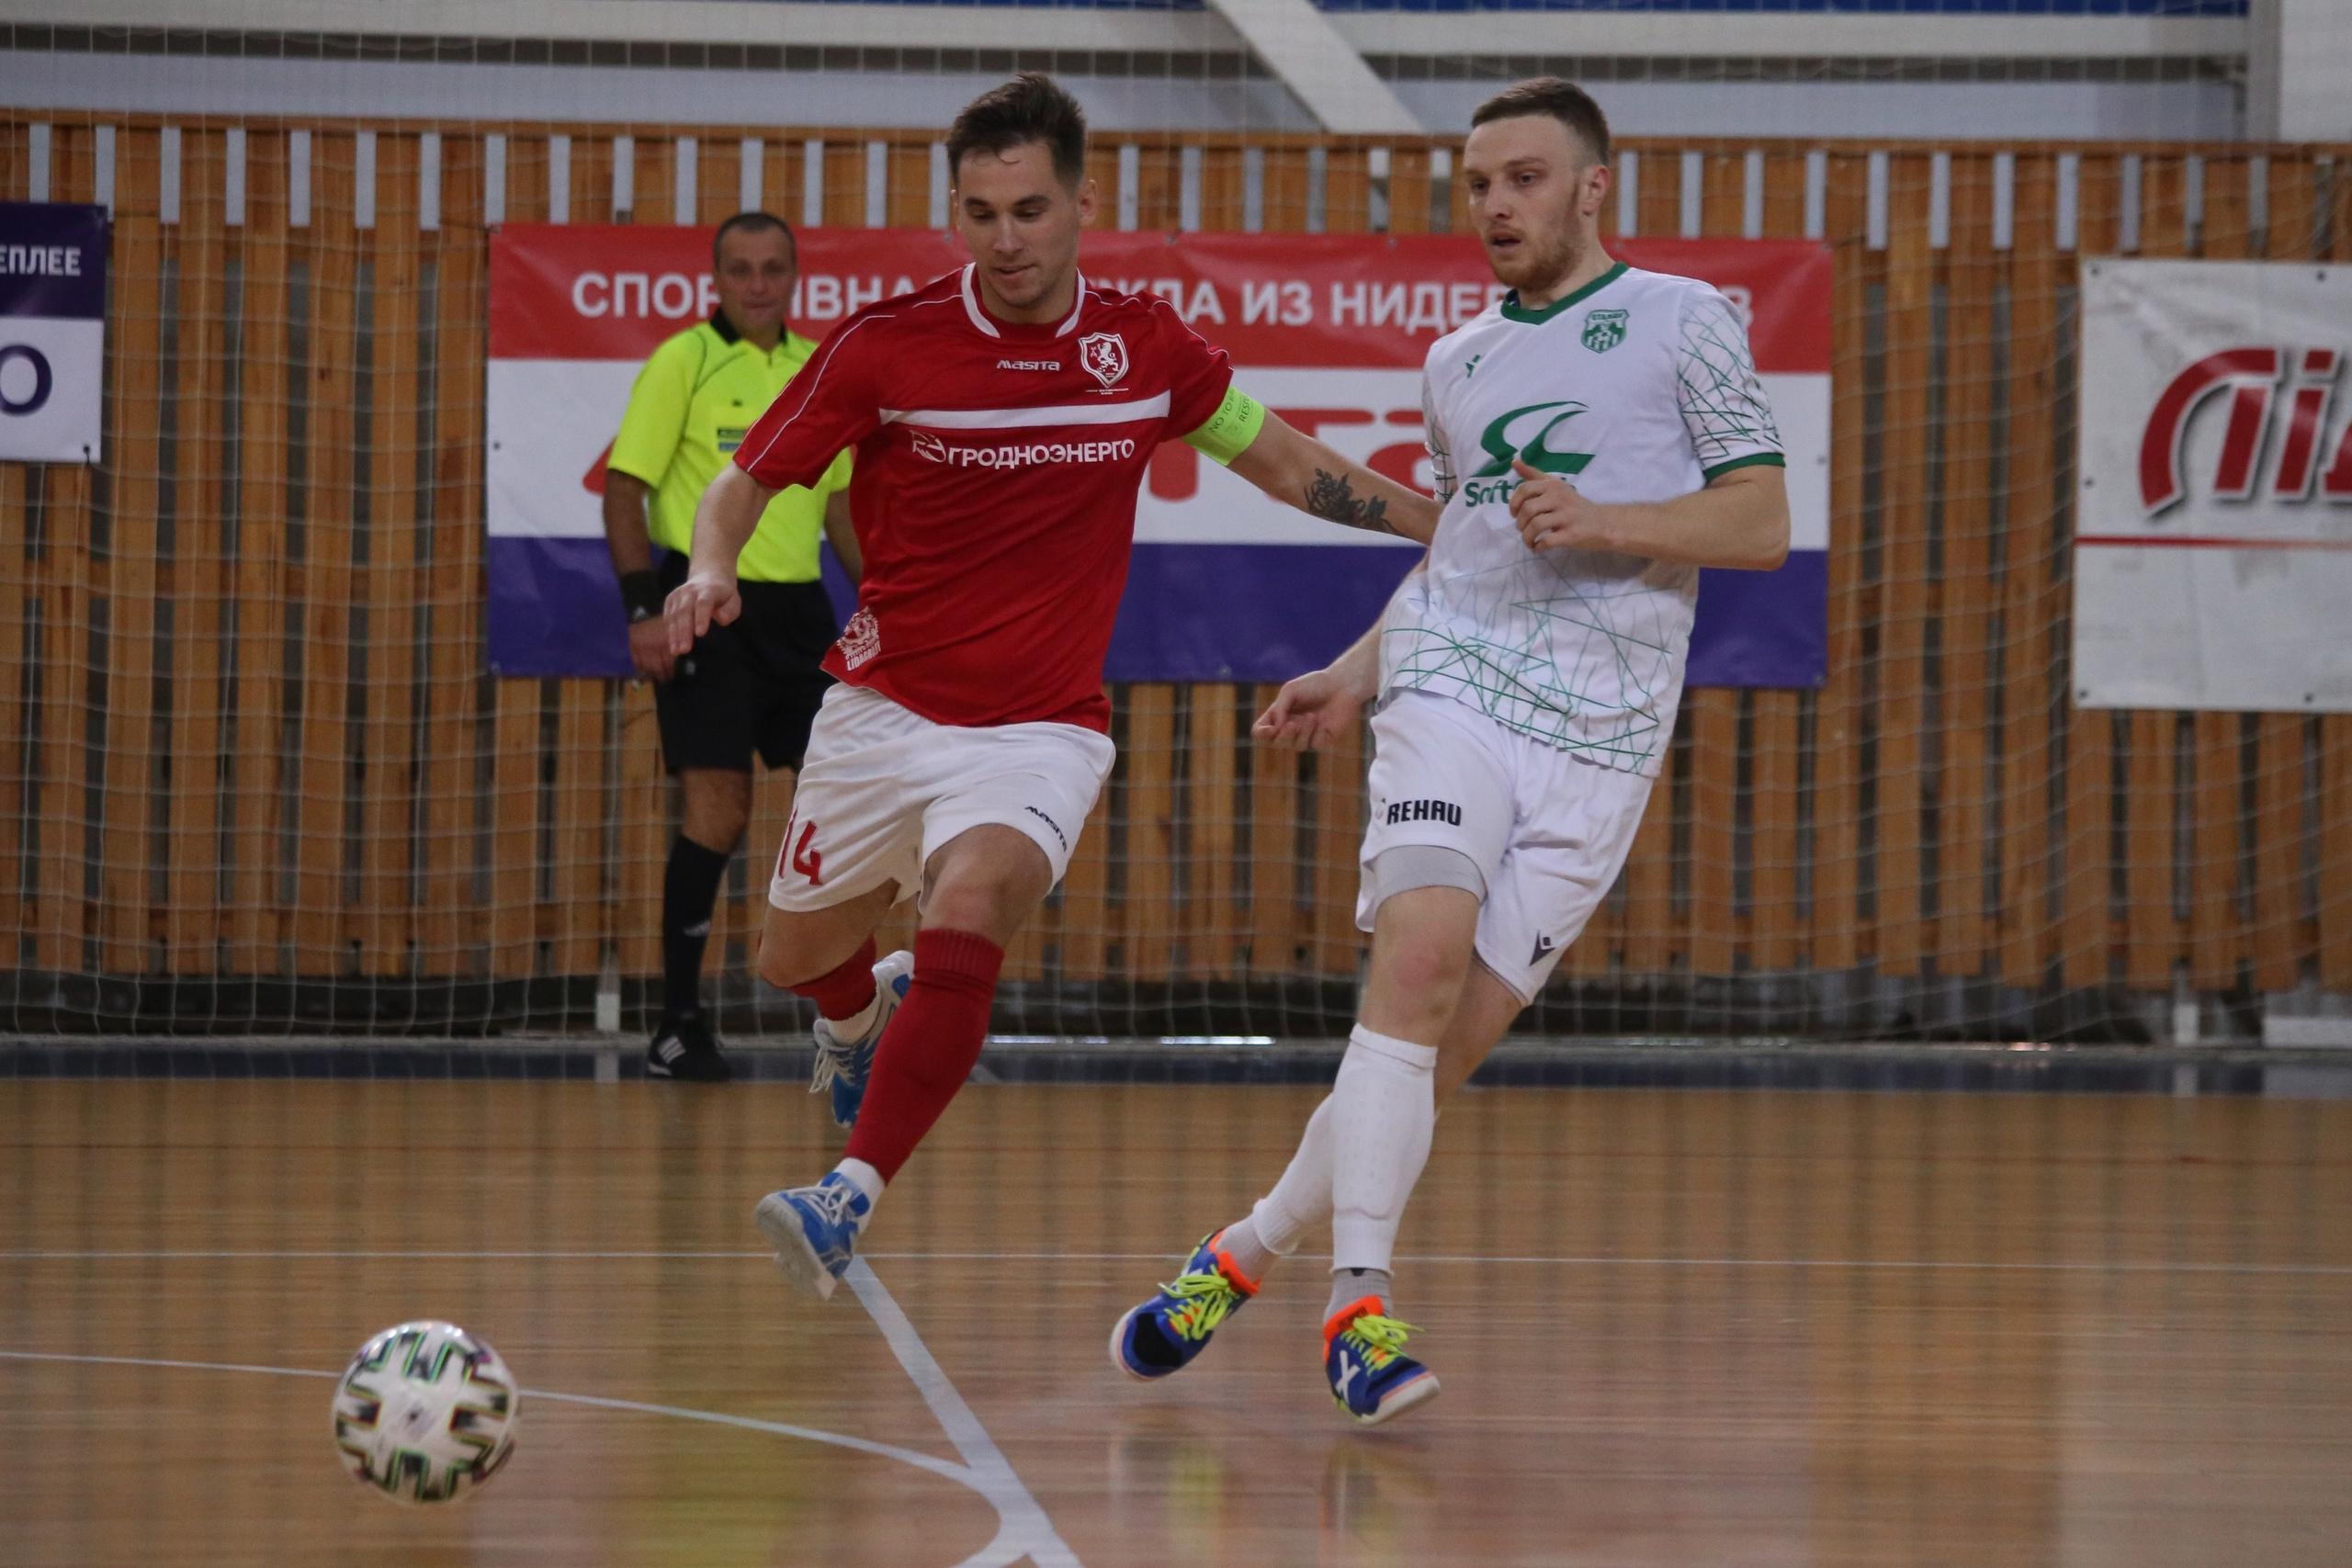 Мини-футбольный клуб «Лида» уступил «Столице».